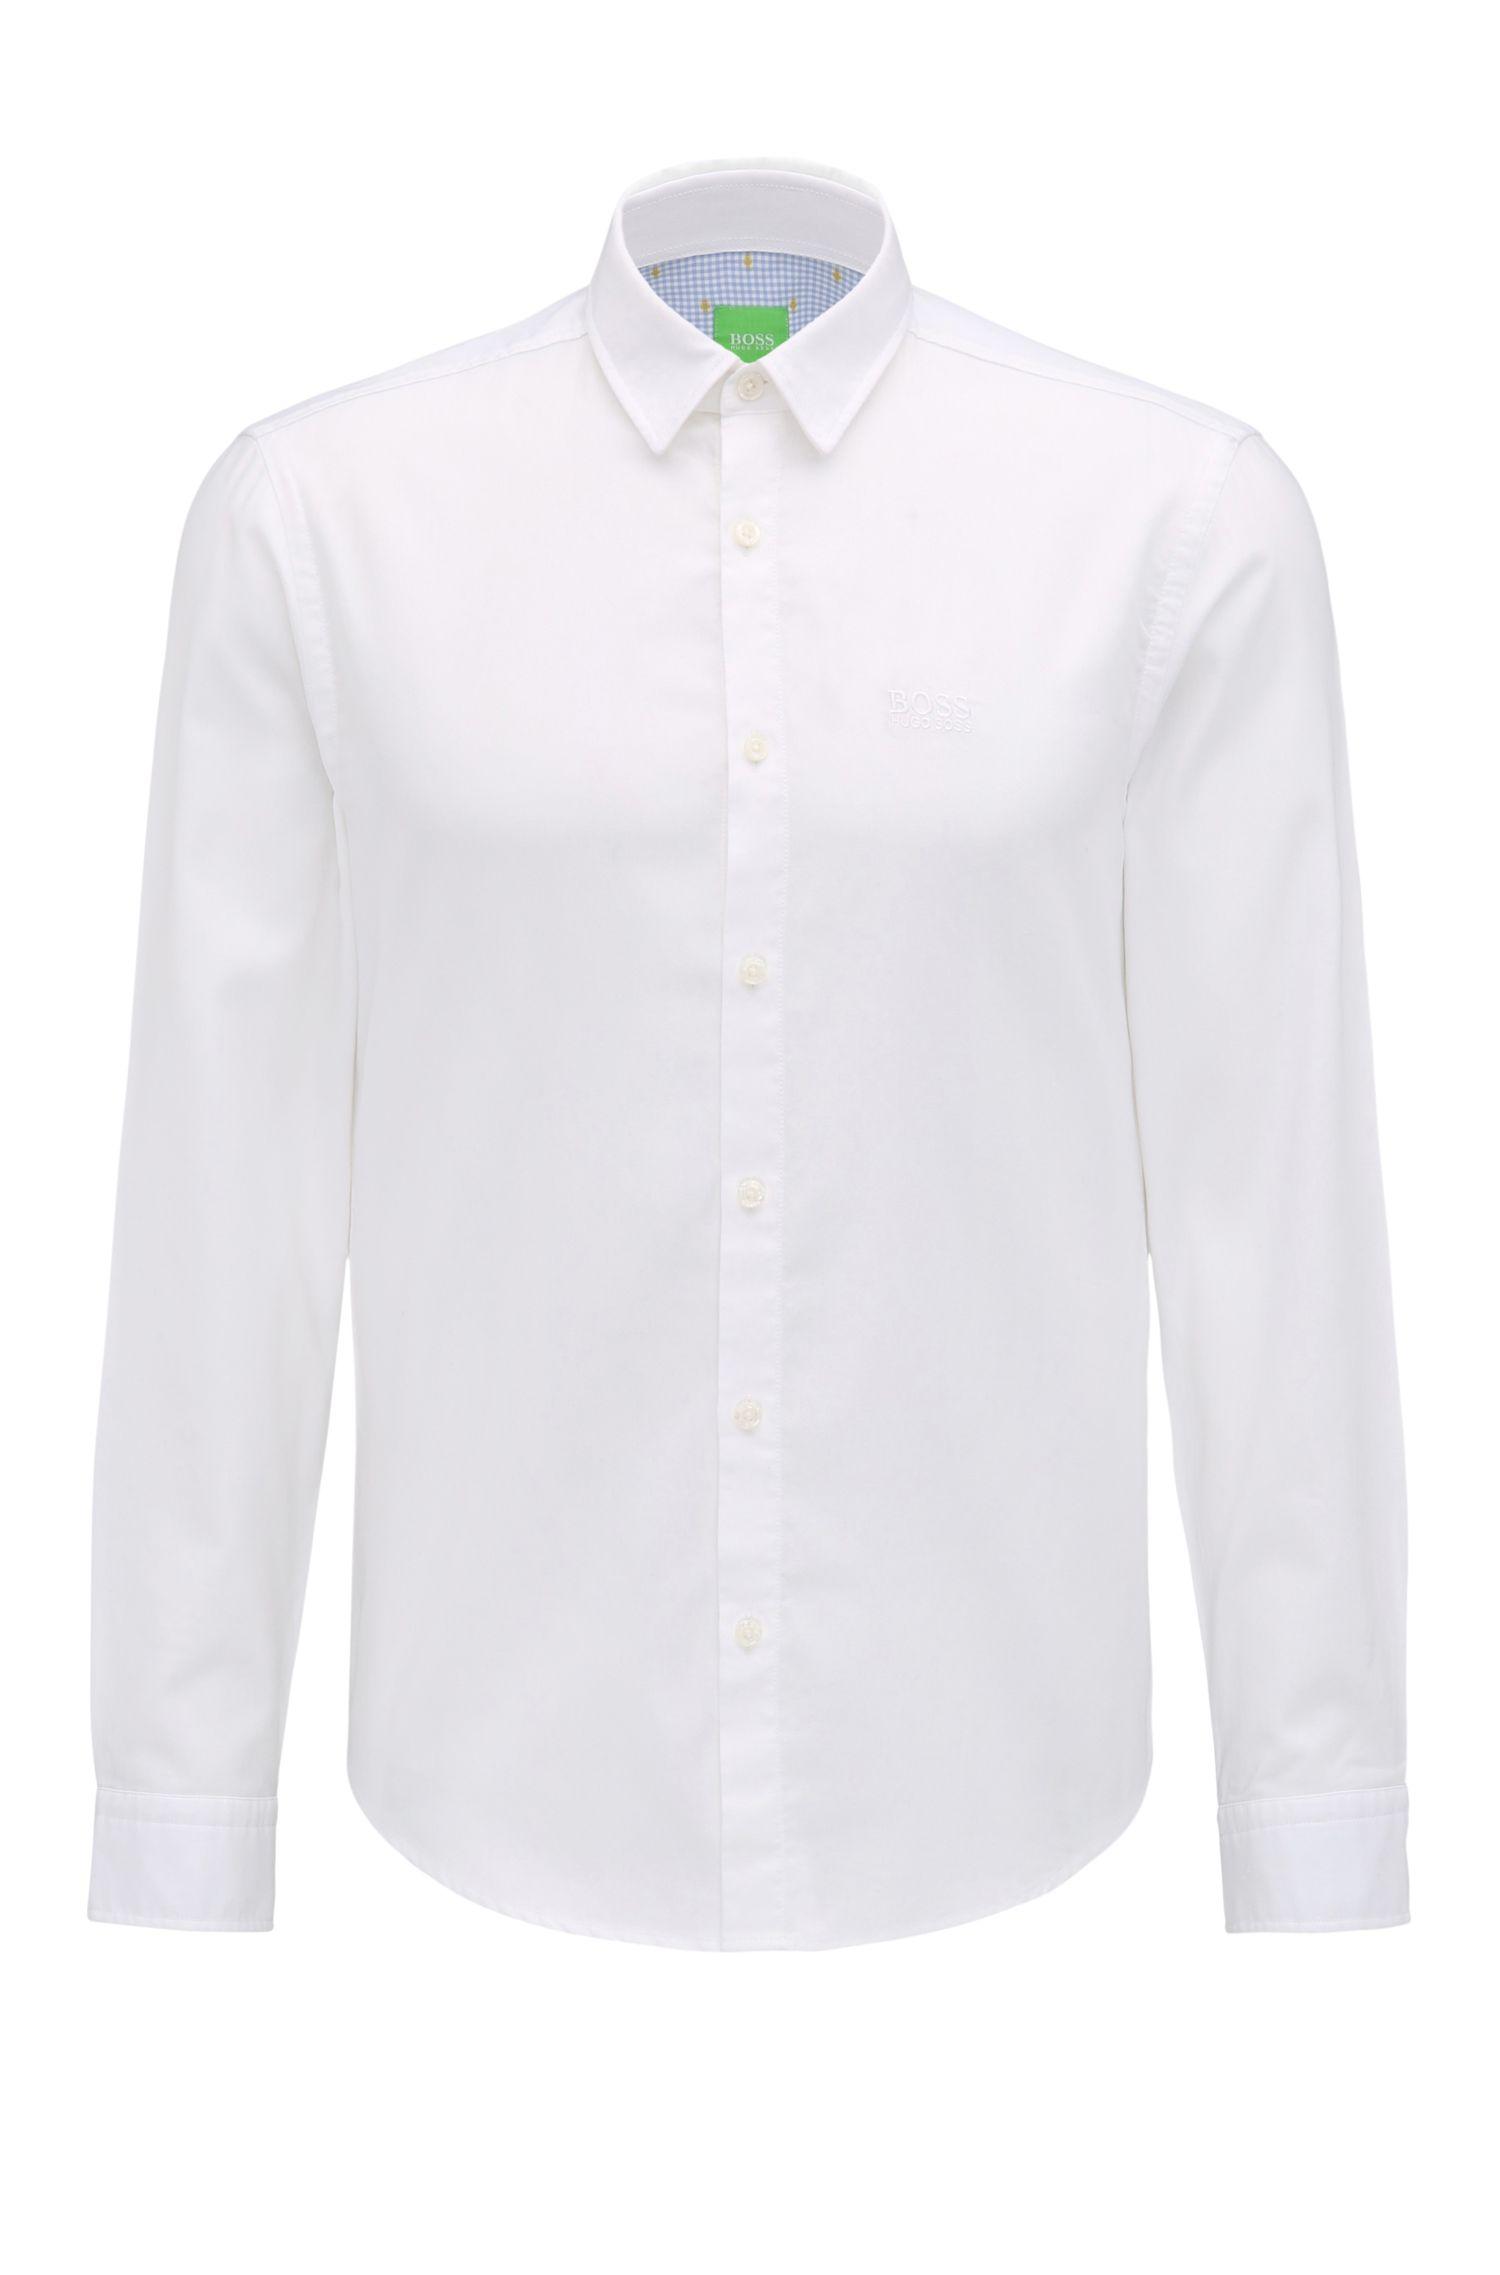 Camisa regular fit de algodón con logo bordado